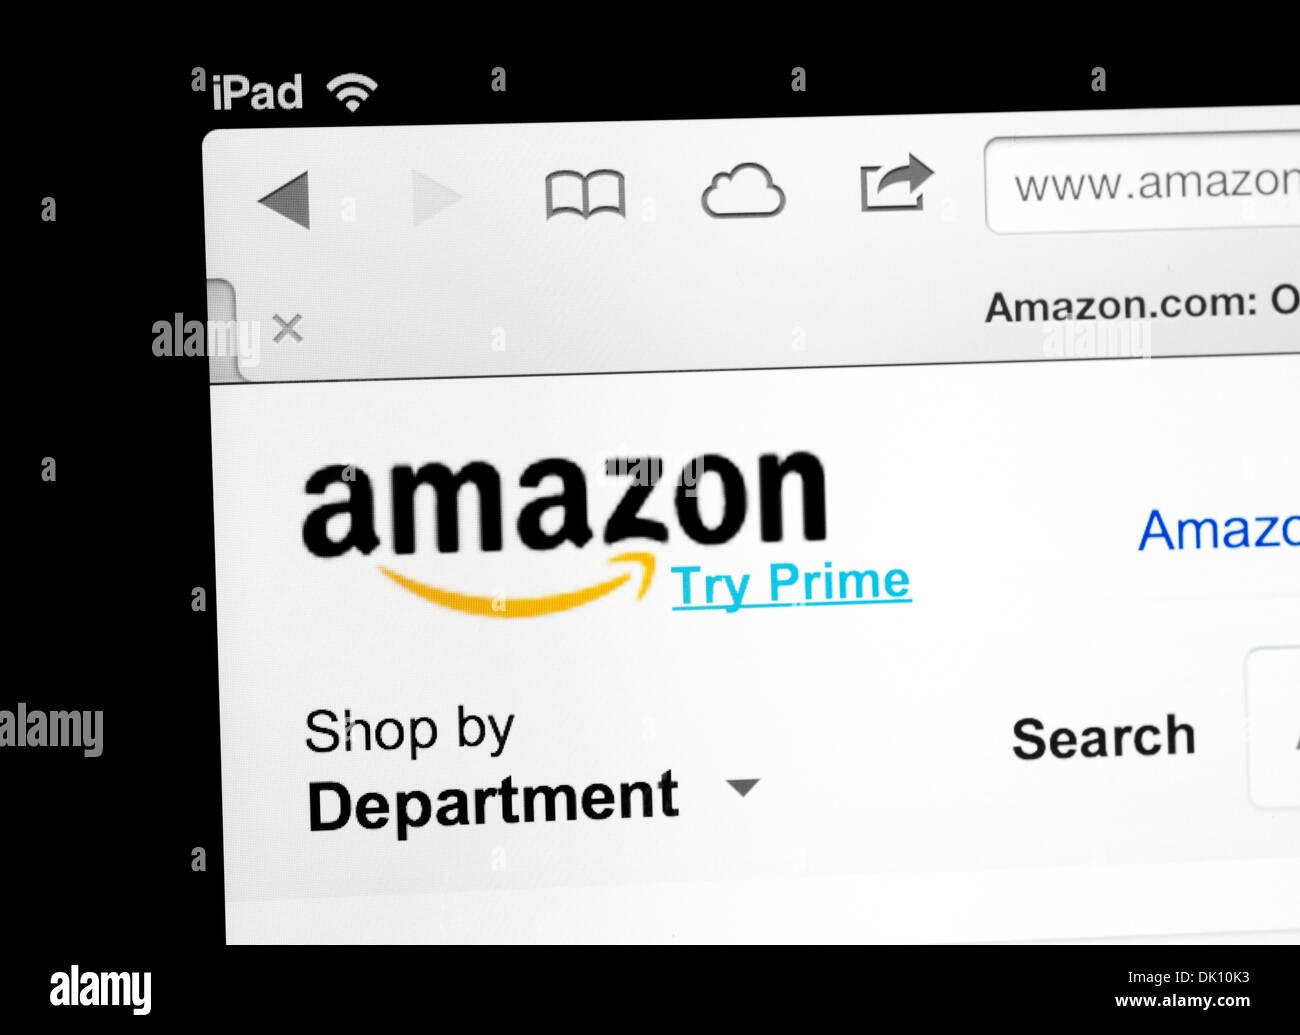 Site Web Amazon.com vue sur un iPad Photo Stock